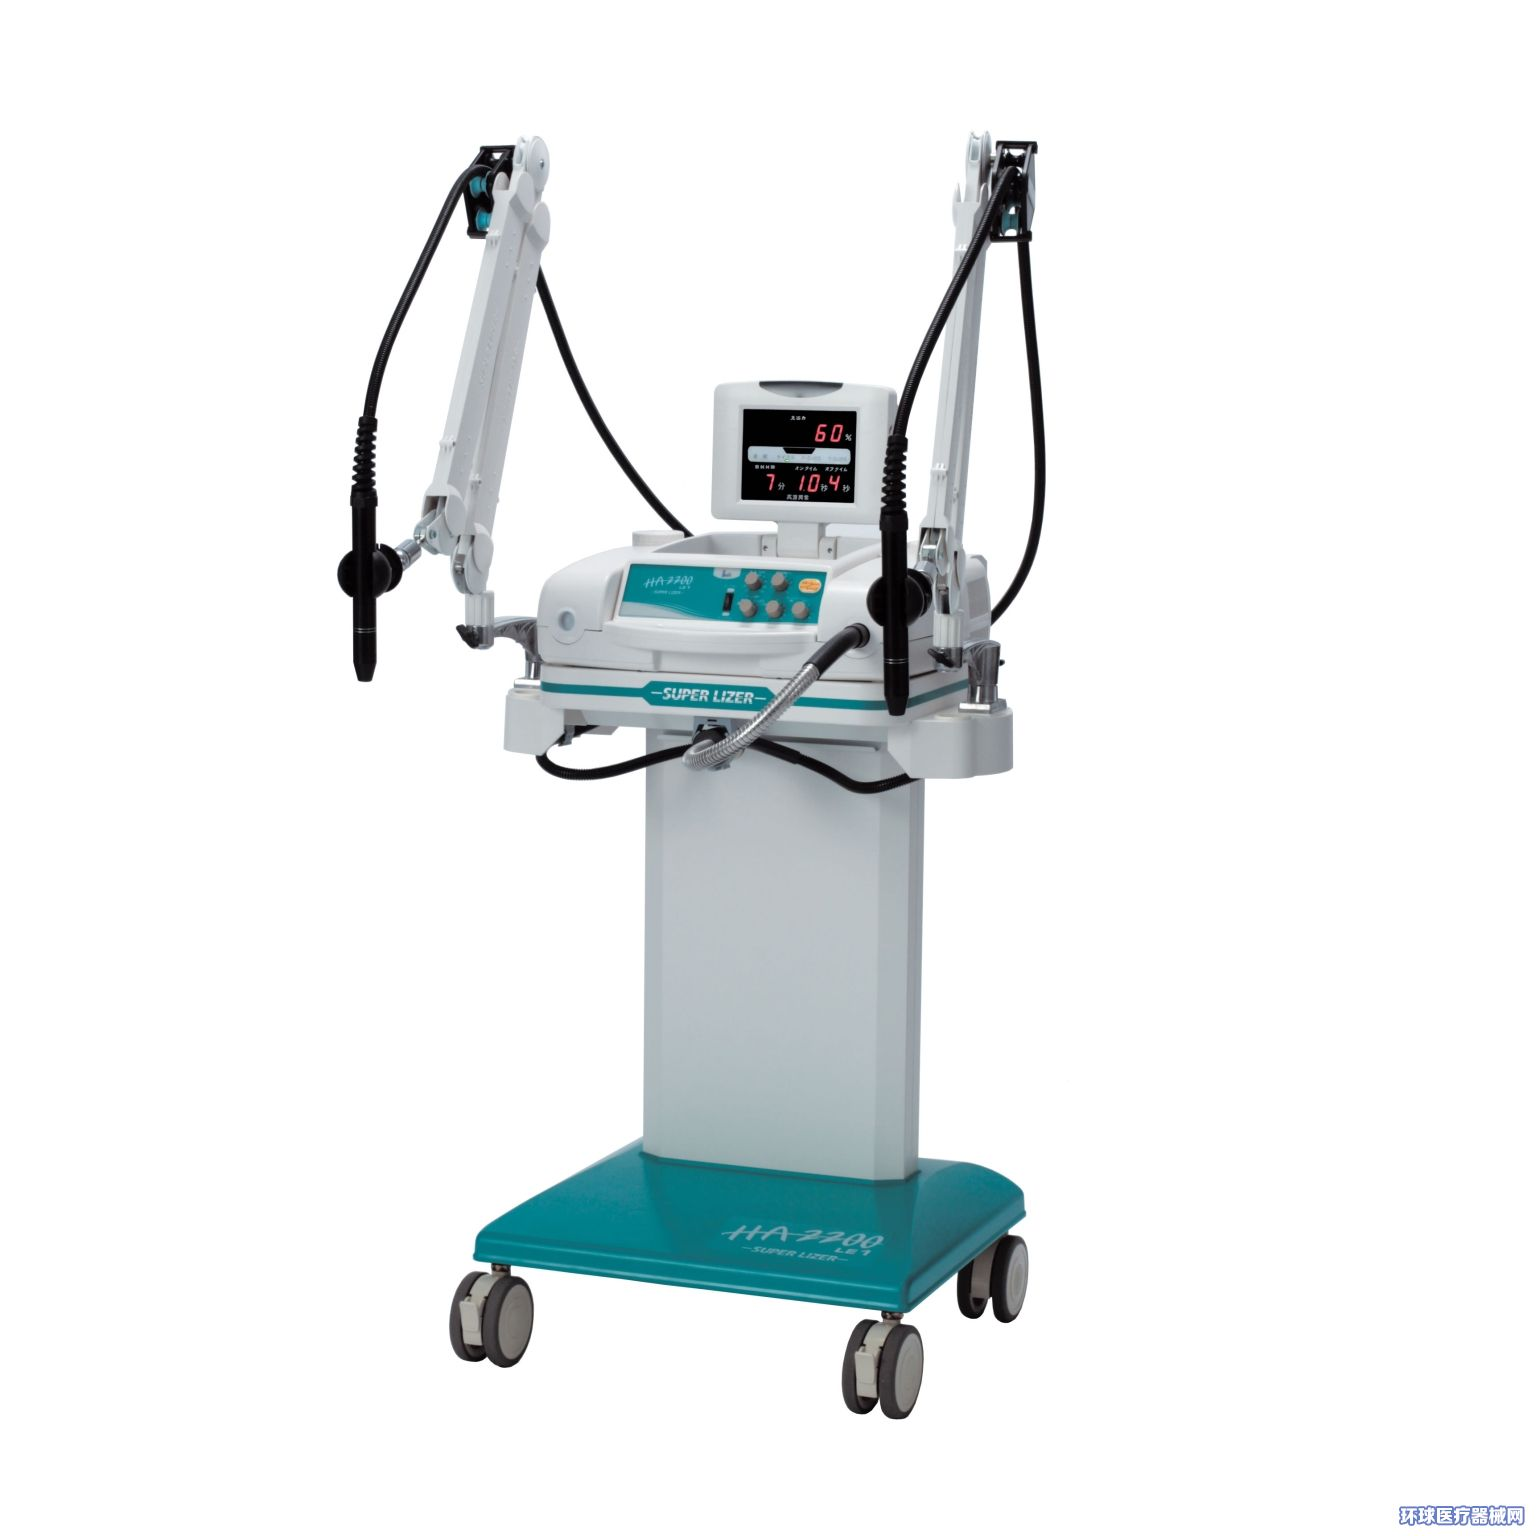 日本进口线偏振光疼痛治疗仪(超激光疼痛治疗仪)